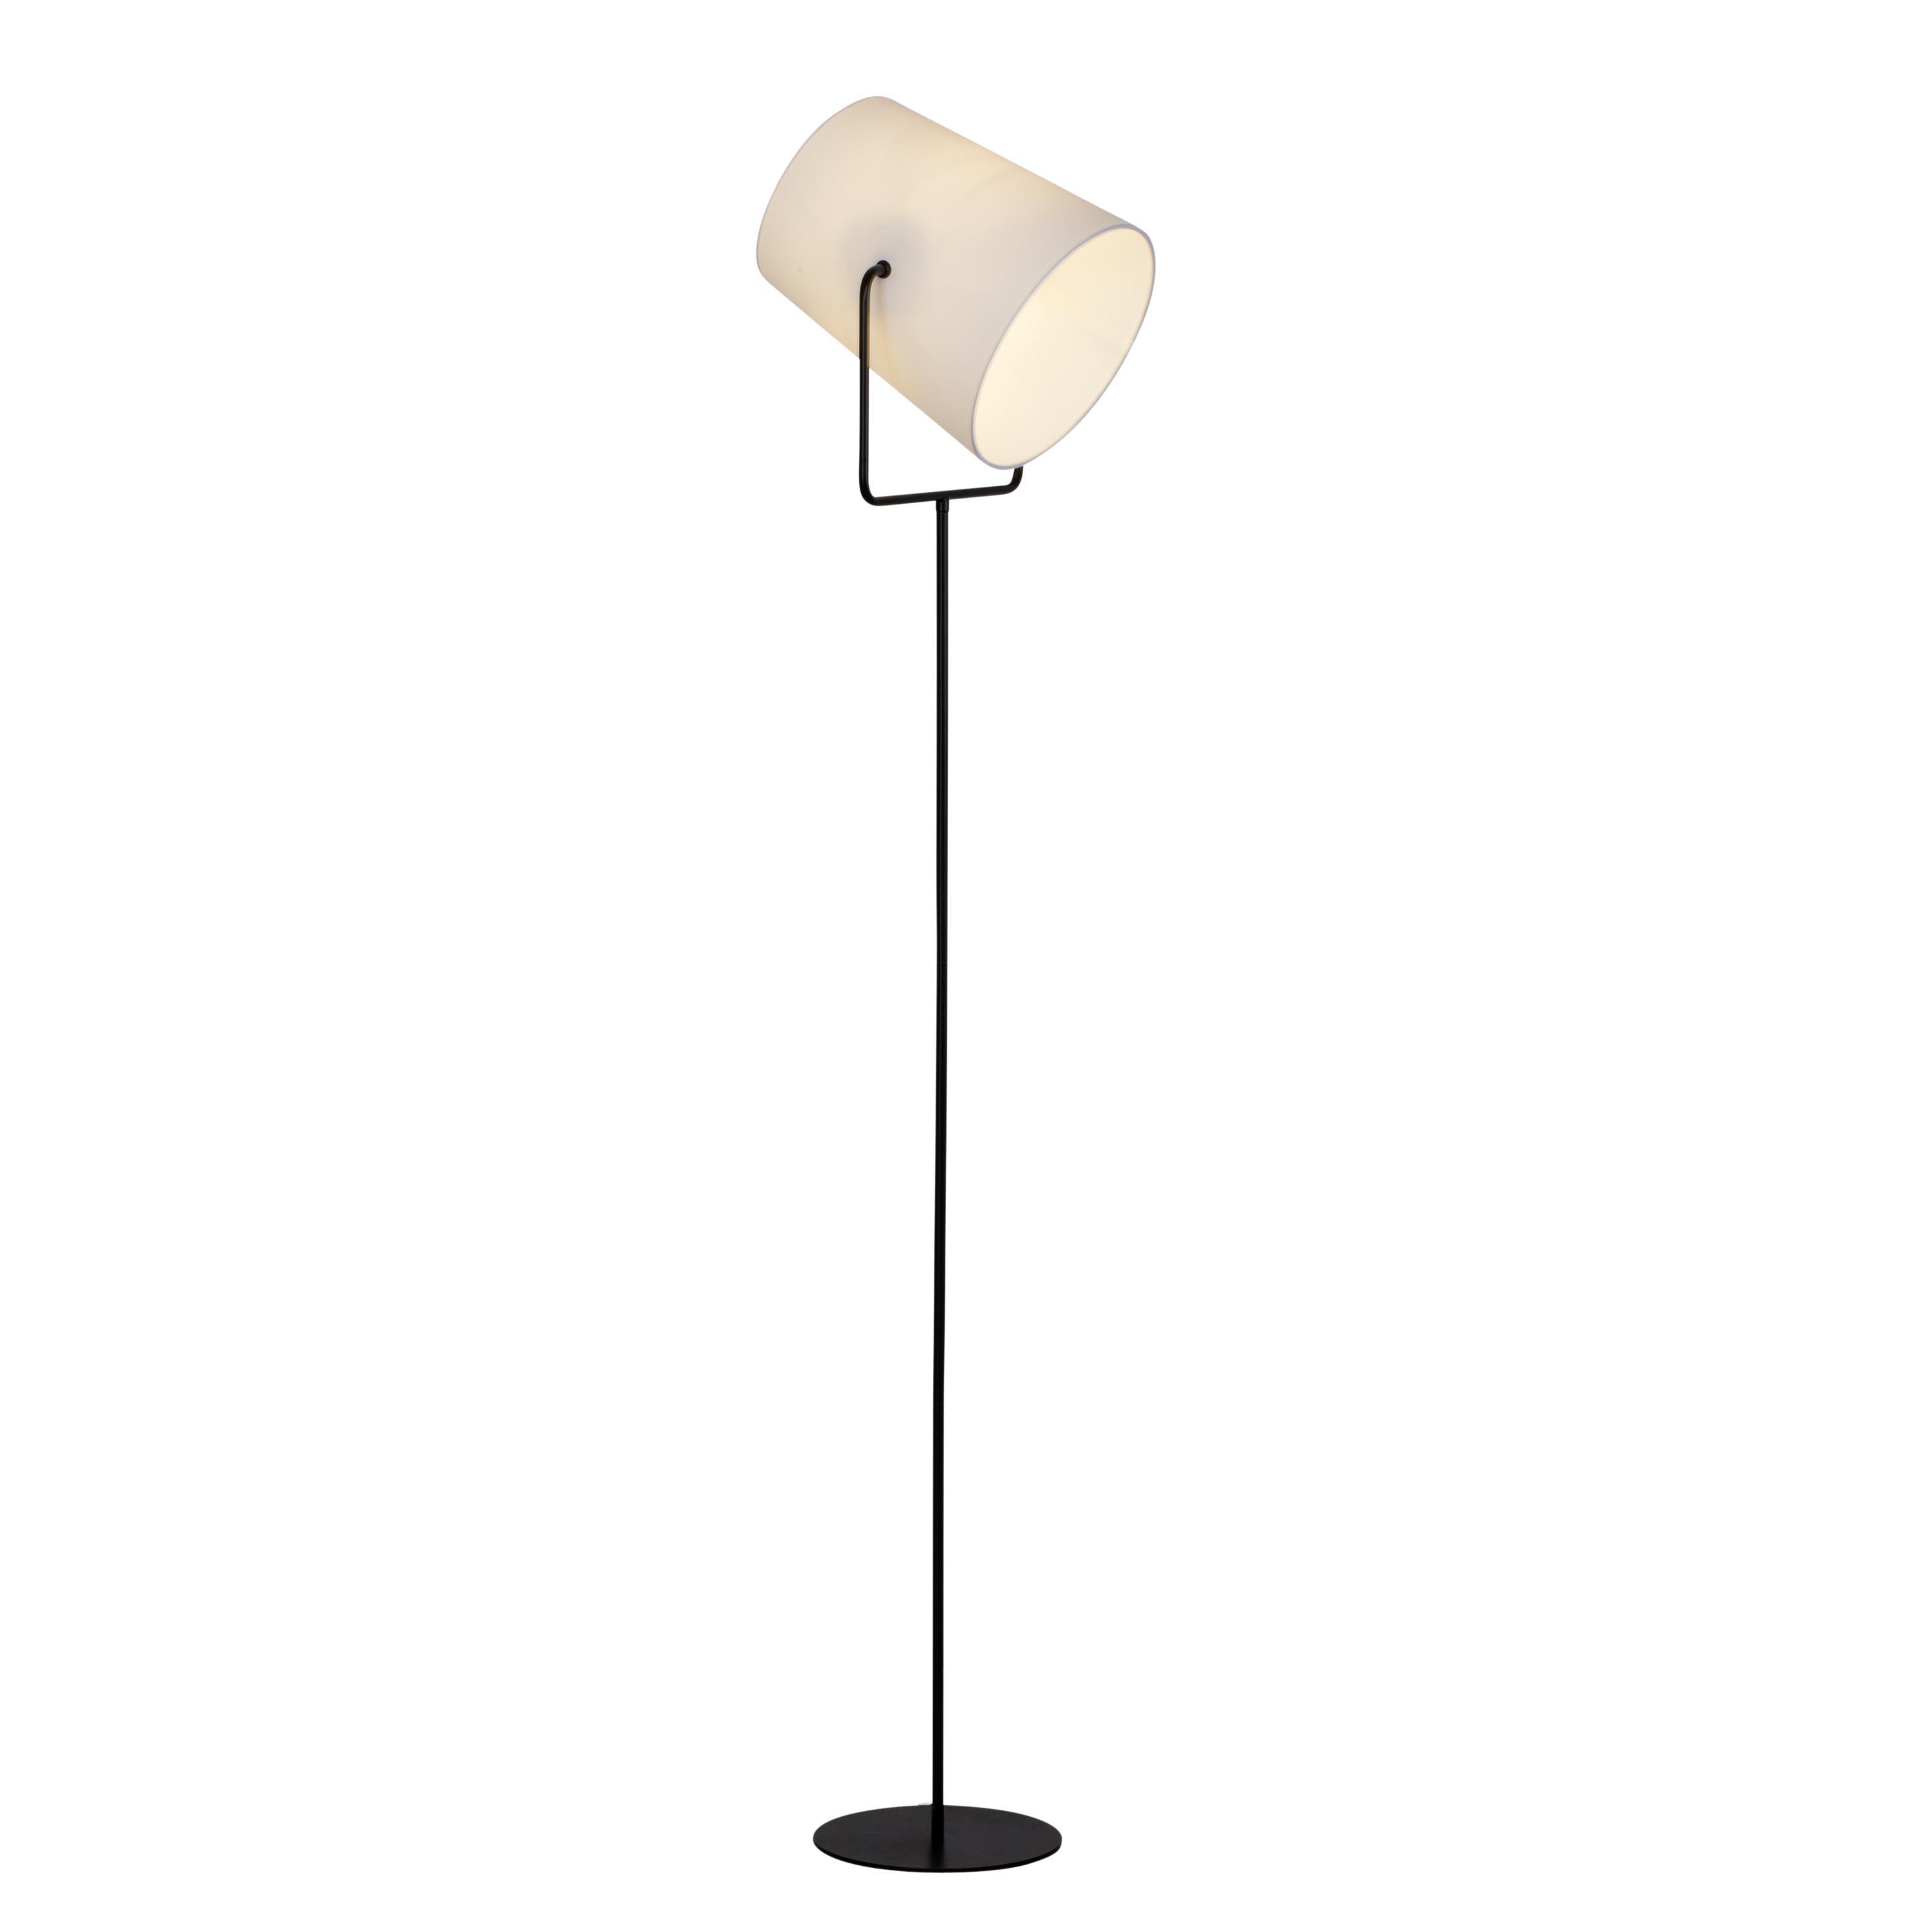 Brilliant Leuchten Bucket Standleuchte 1flg schwarz/weiß